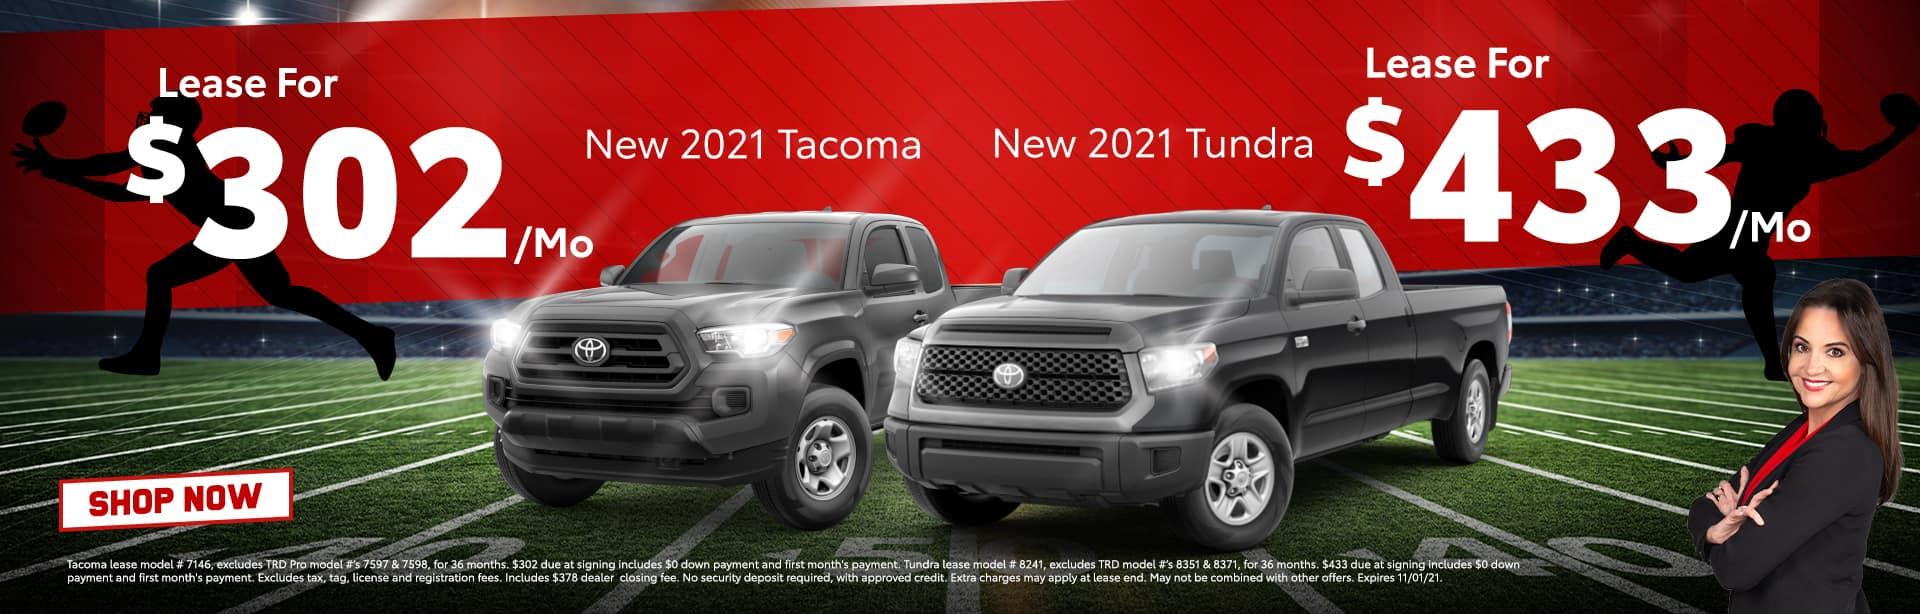 Tacoma/Tundra